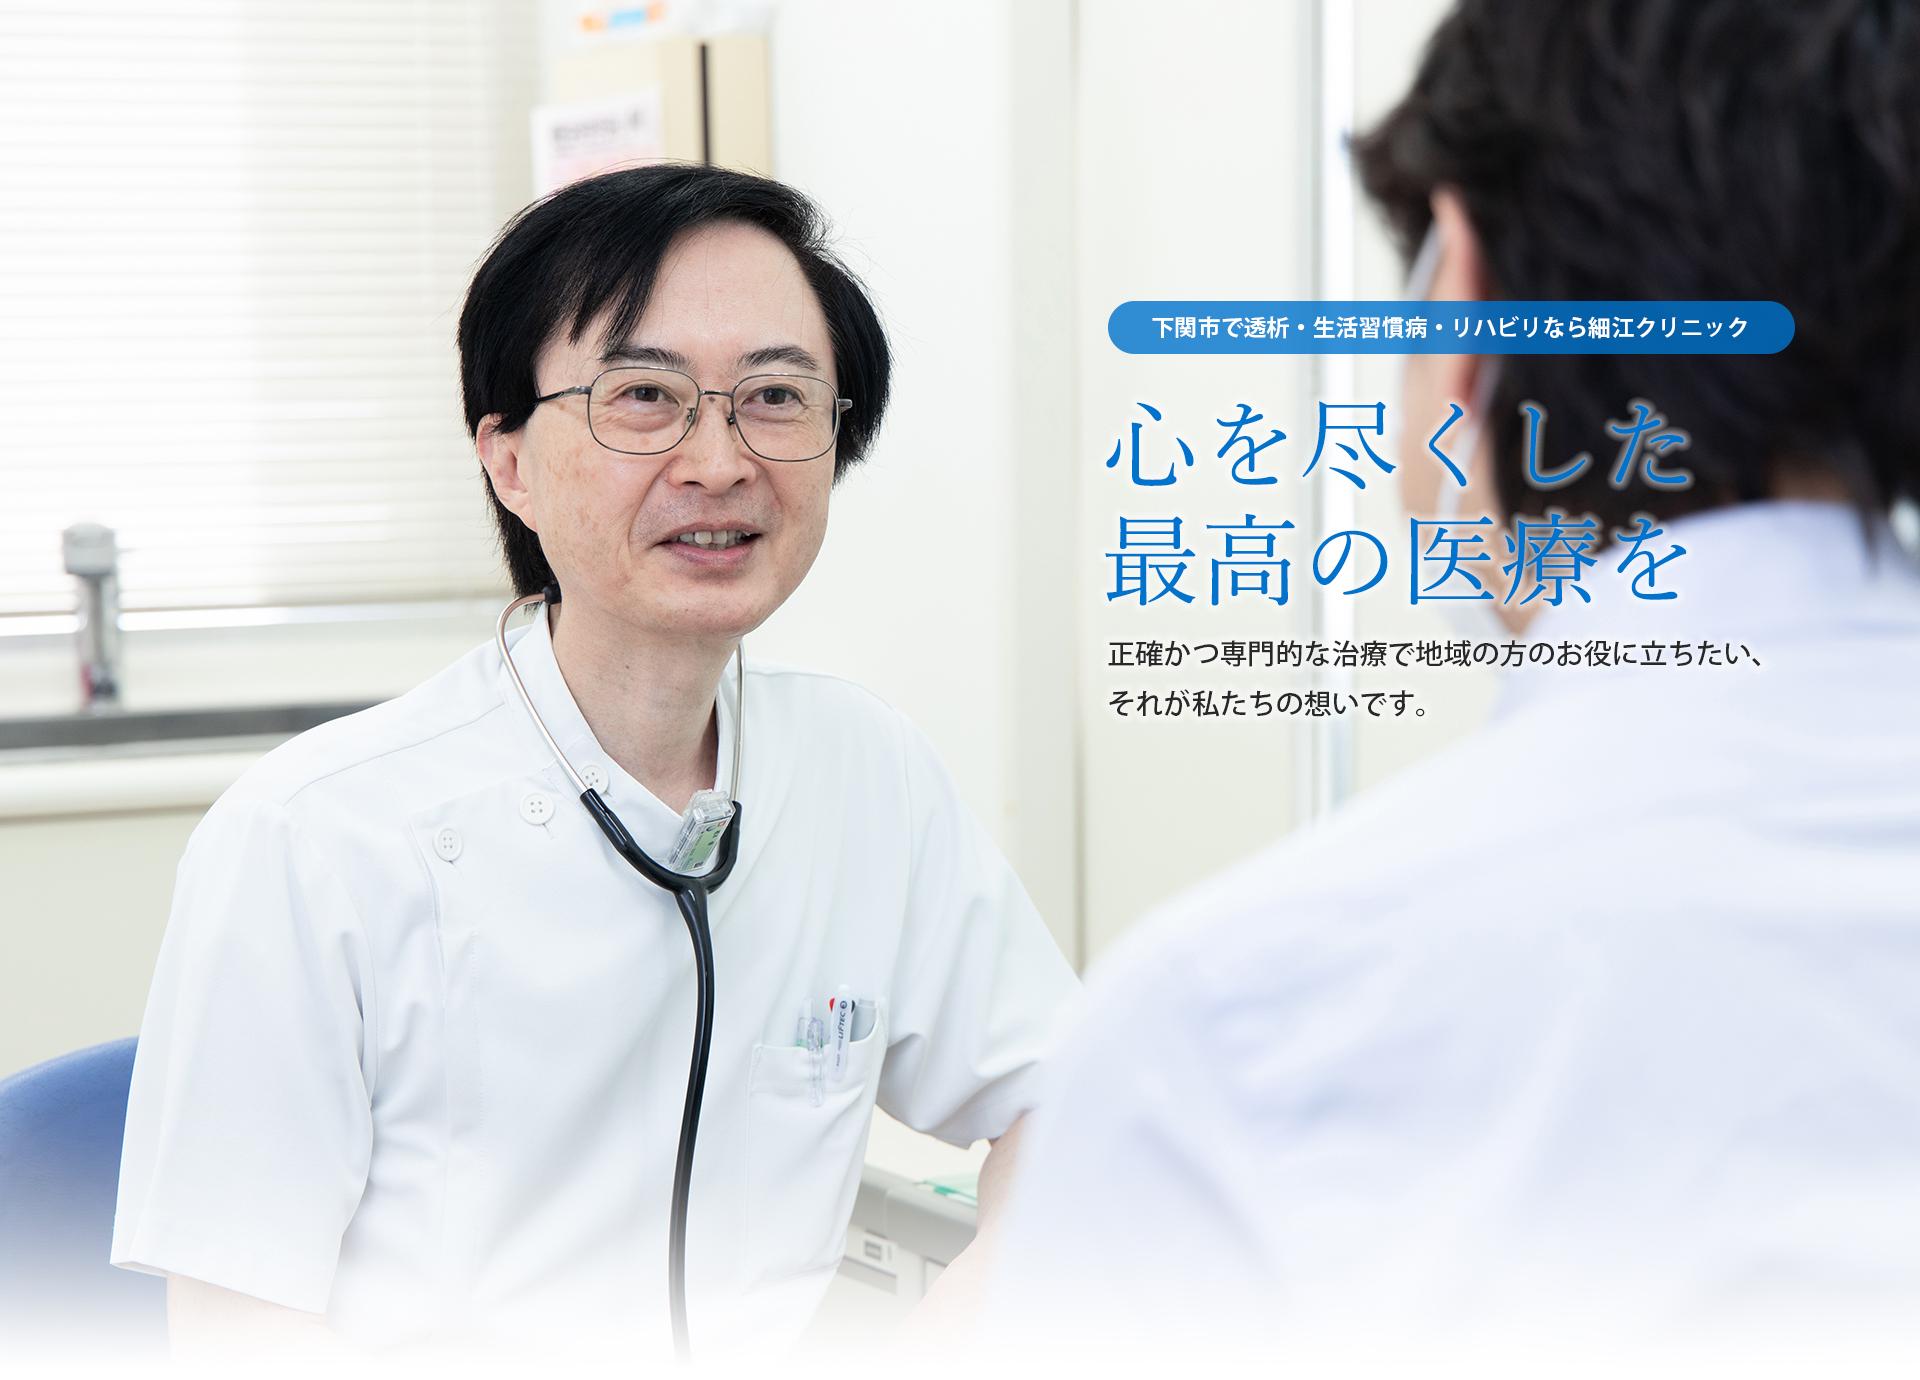 山口県下関市で人工透析・生活習慣病・リハビリなら細江クリニック 心を尽くした最高の医療を 正確かつ専門的な治療で地域の方のお役に立ちたい、それが私達の想いです。